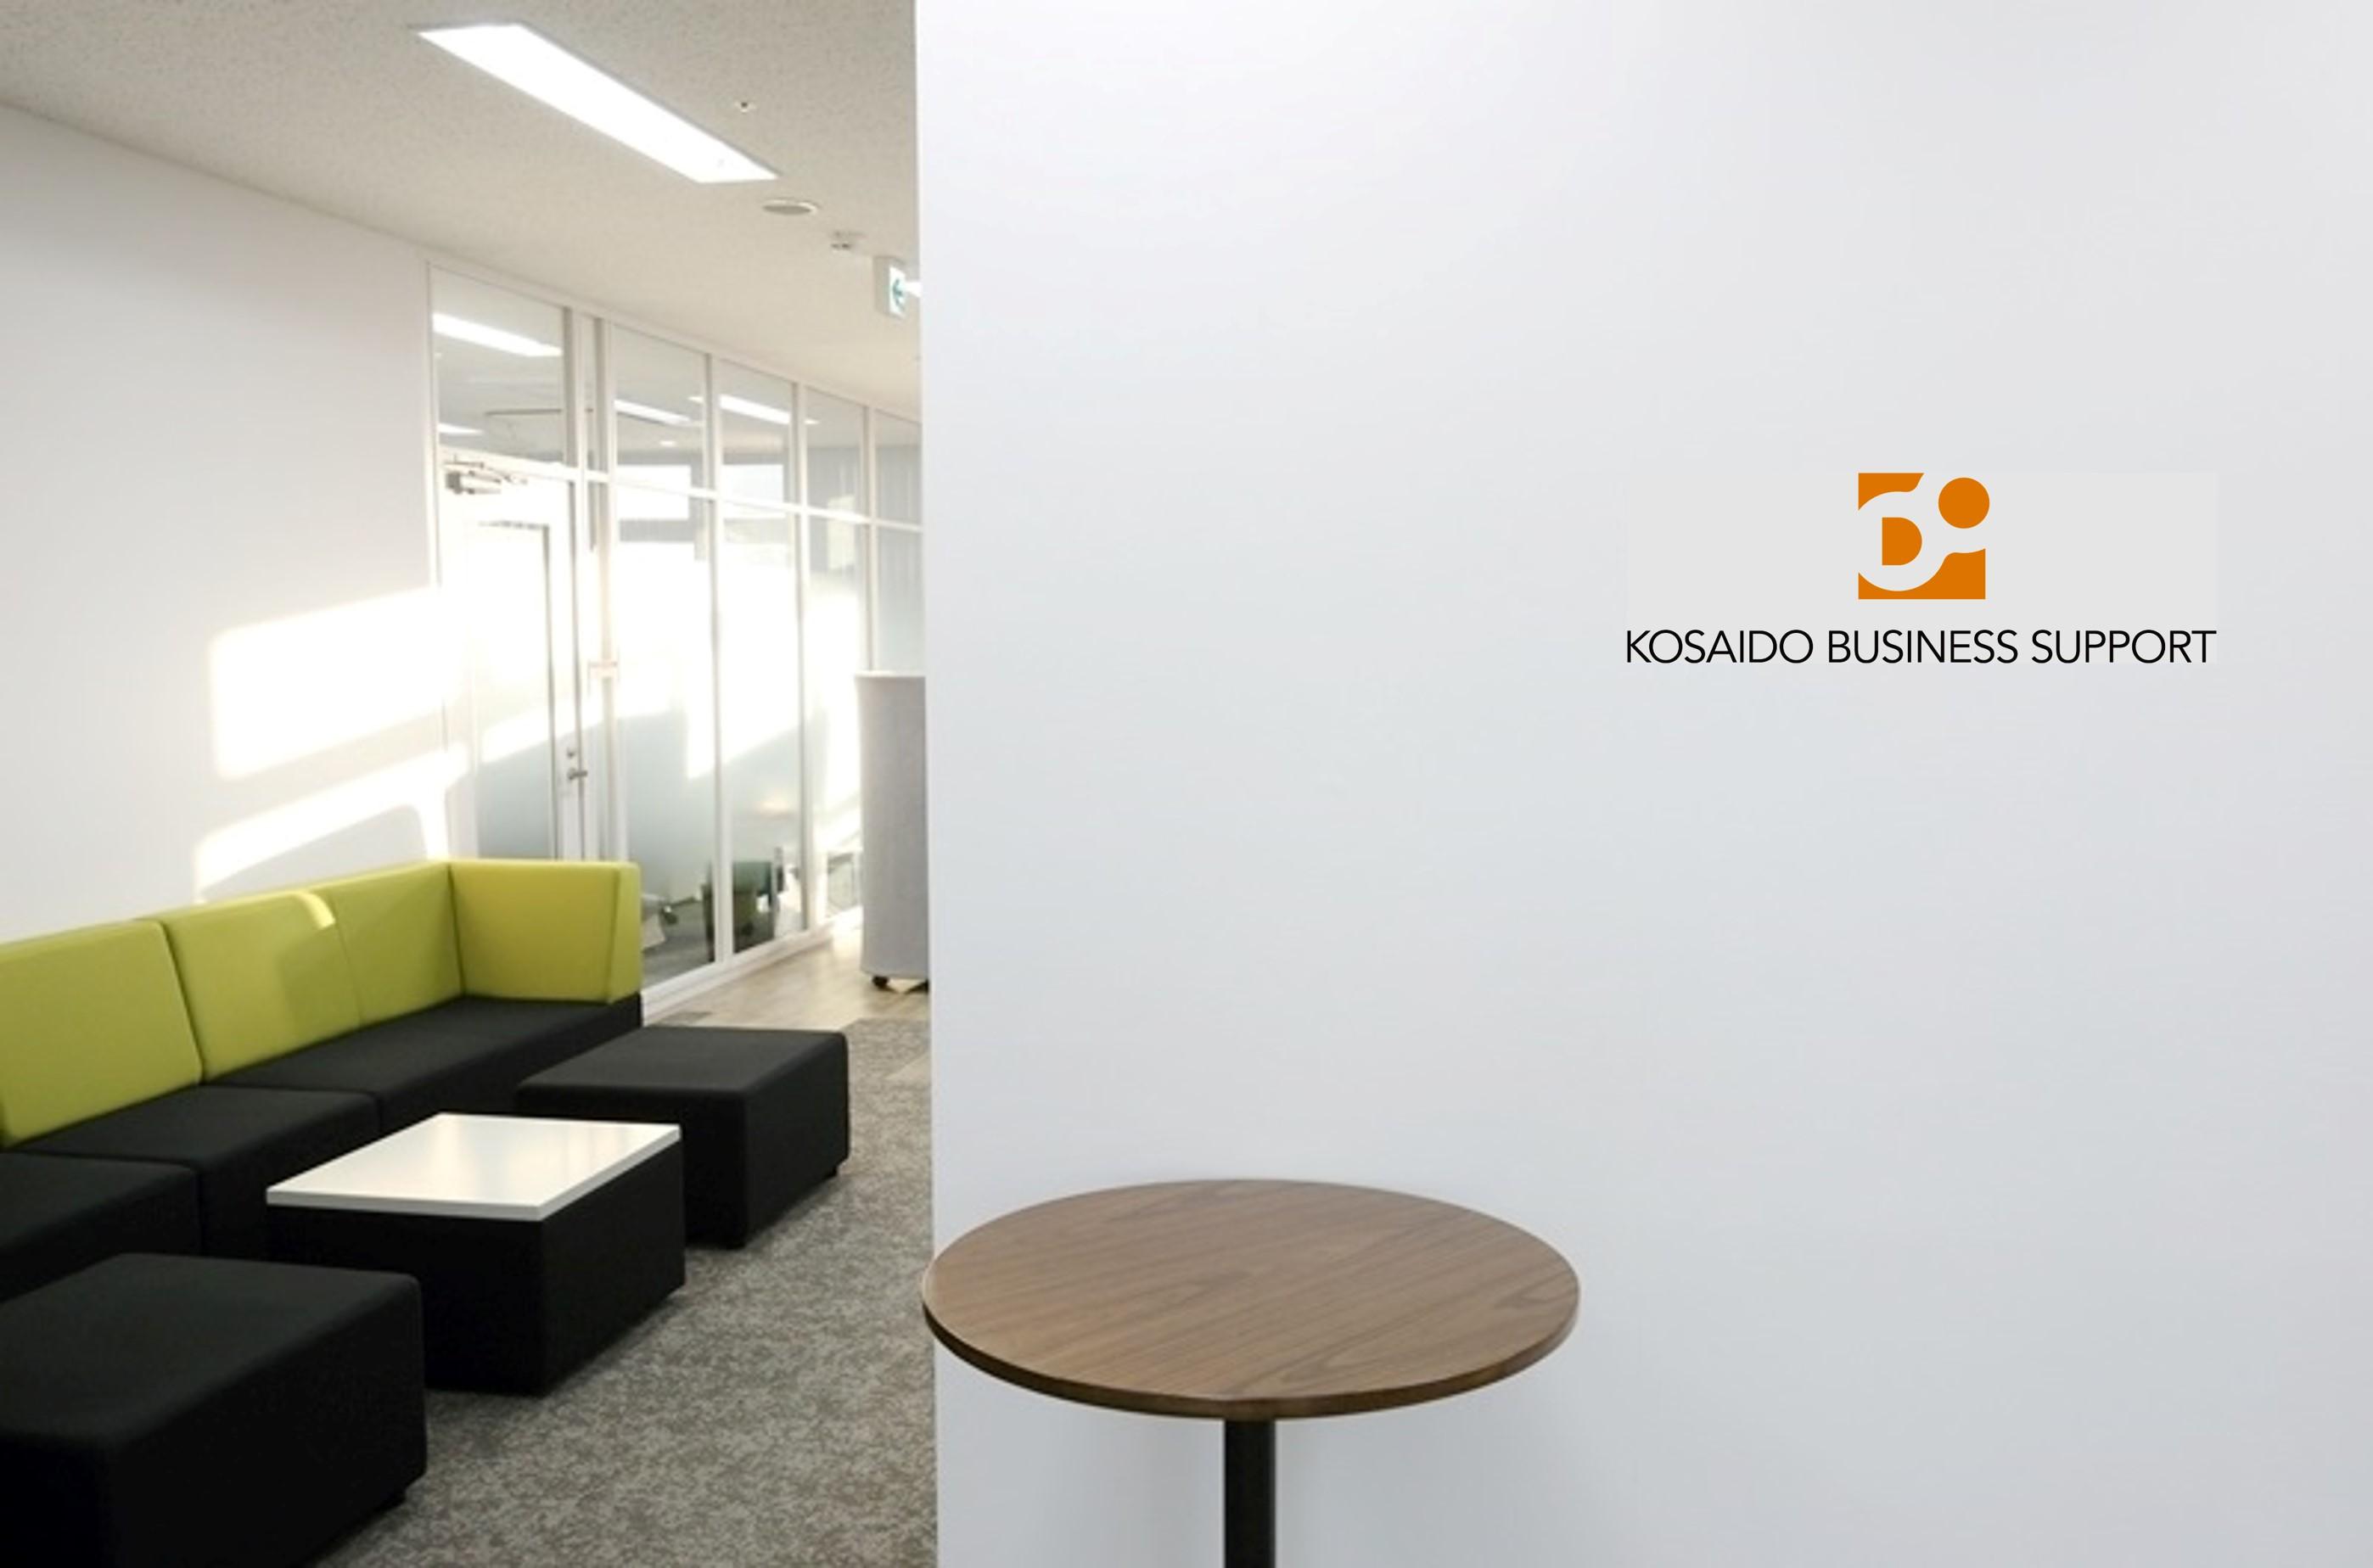 広済堂ビジネスサポート 新橋オフィス